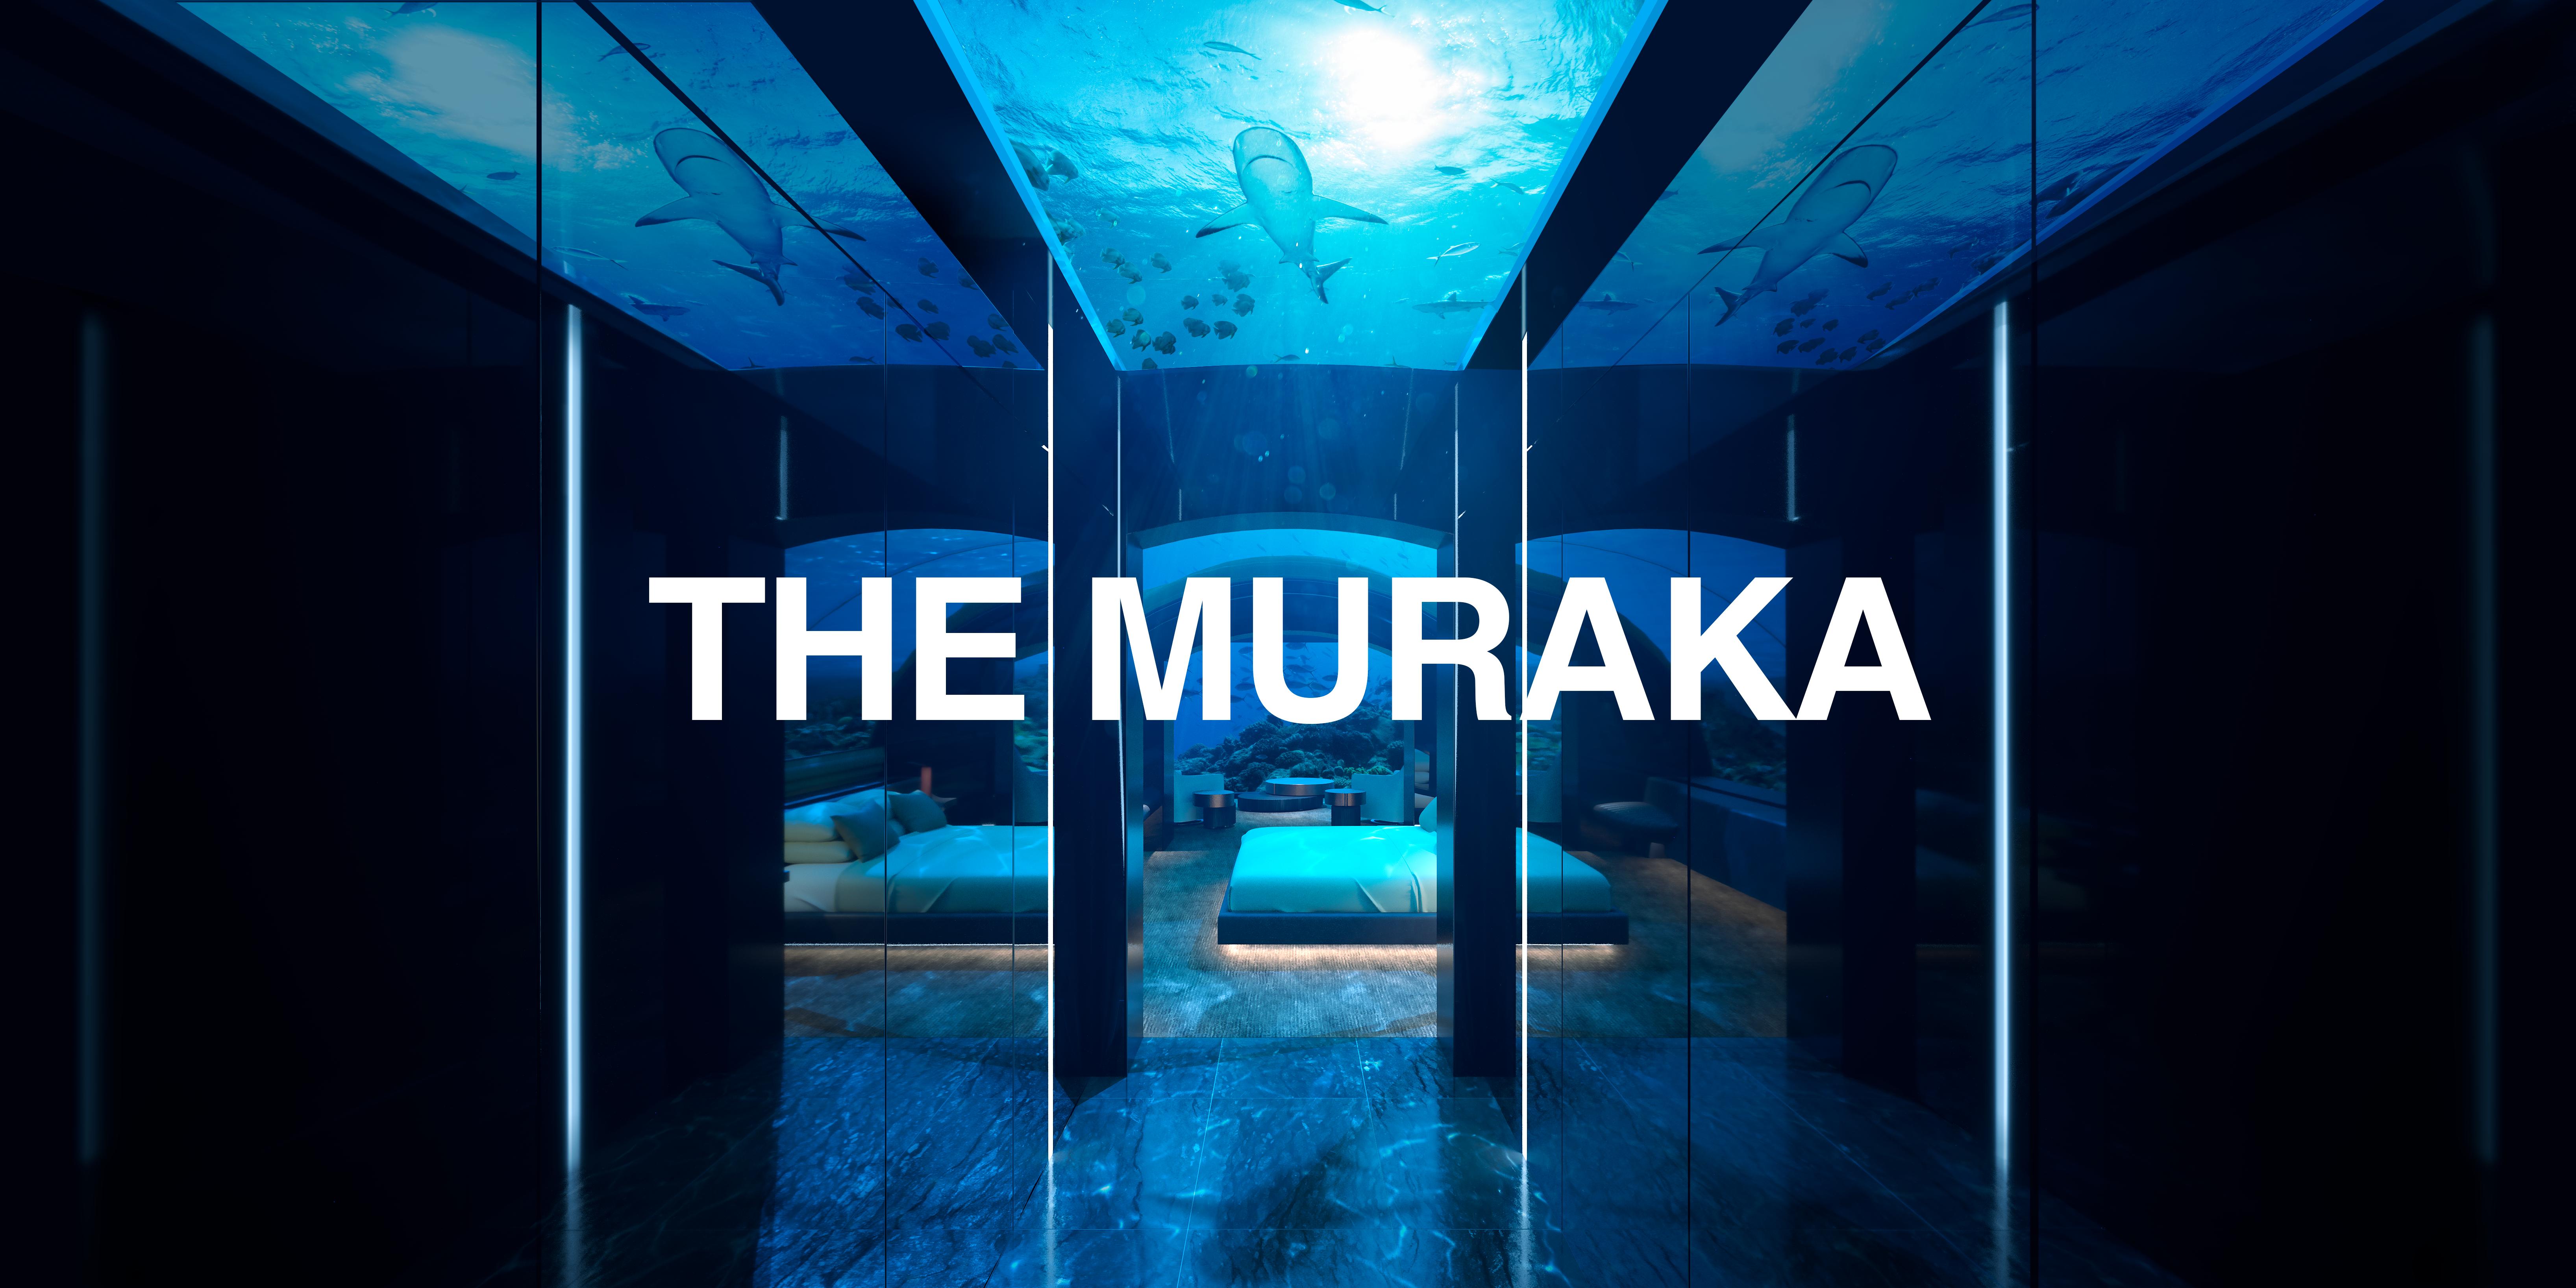 The MURAKA